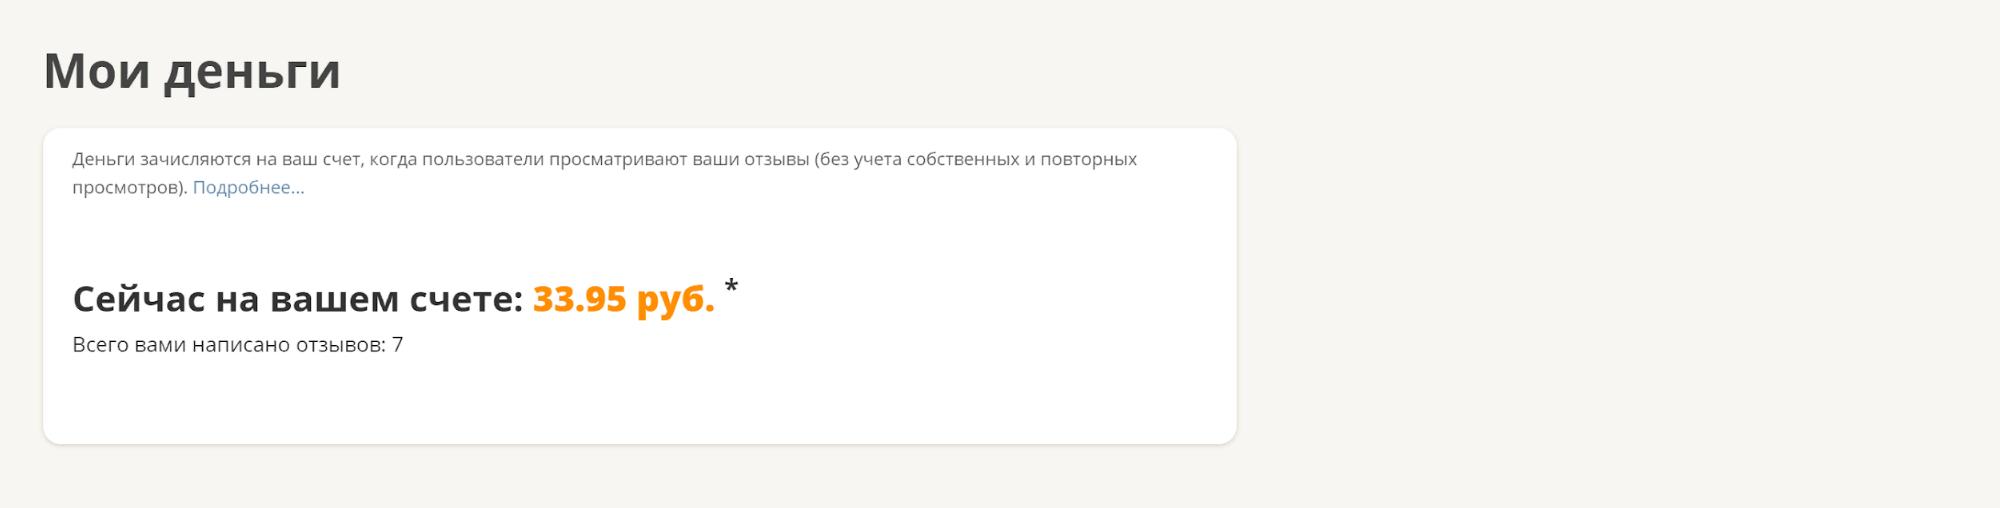 Личный кабинет «Айрекомменд». Заработал почти 34 рубля, но даже вывести их не могу